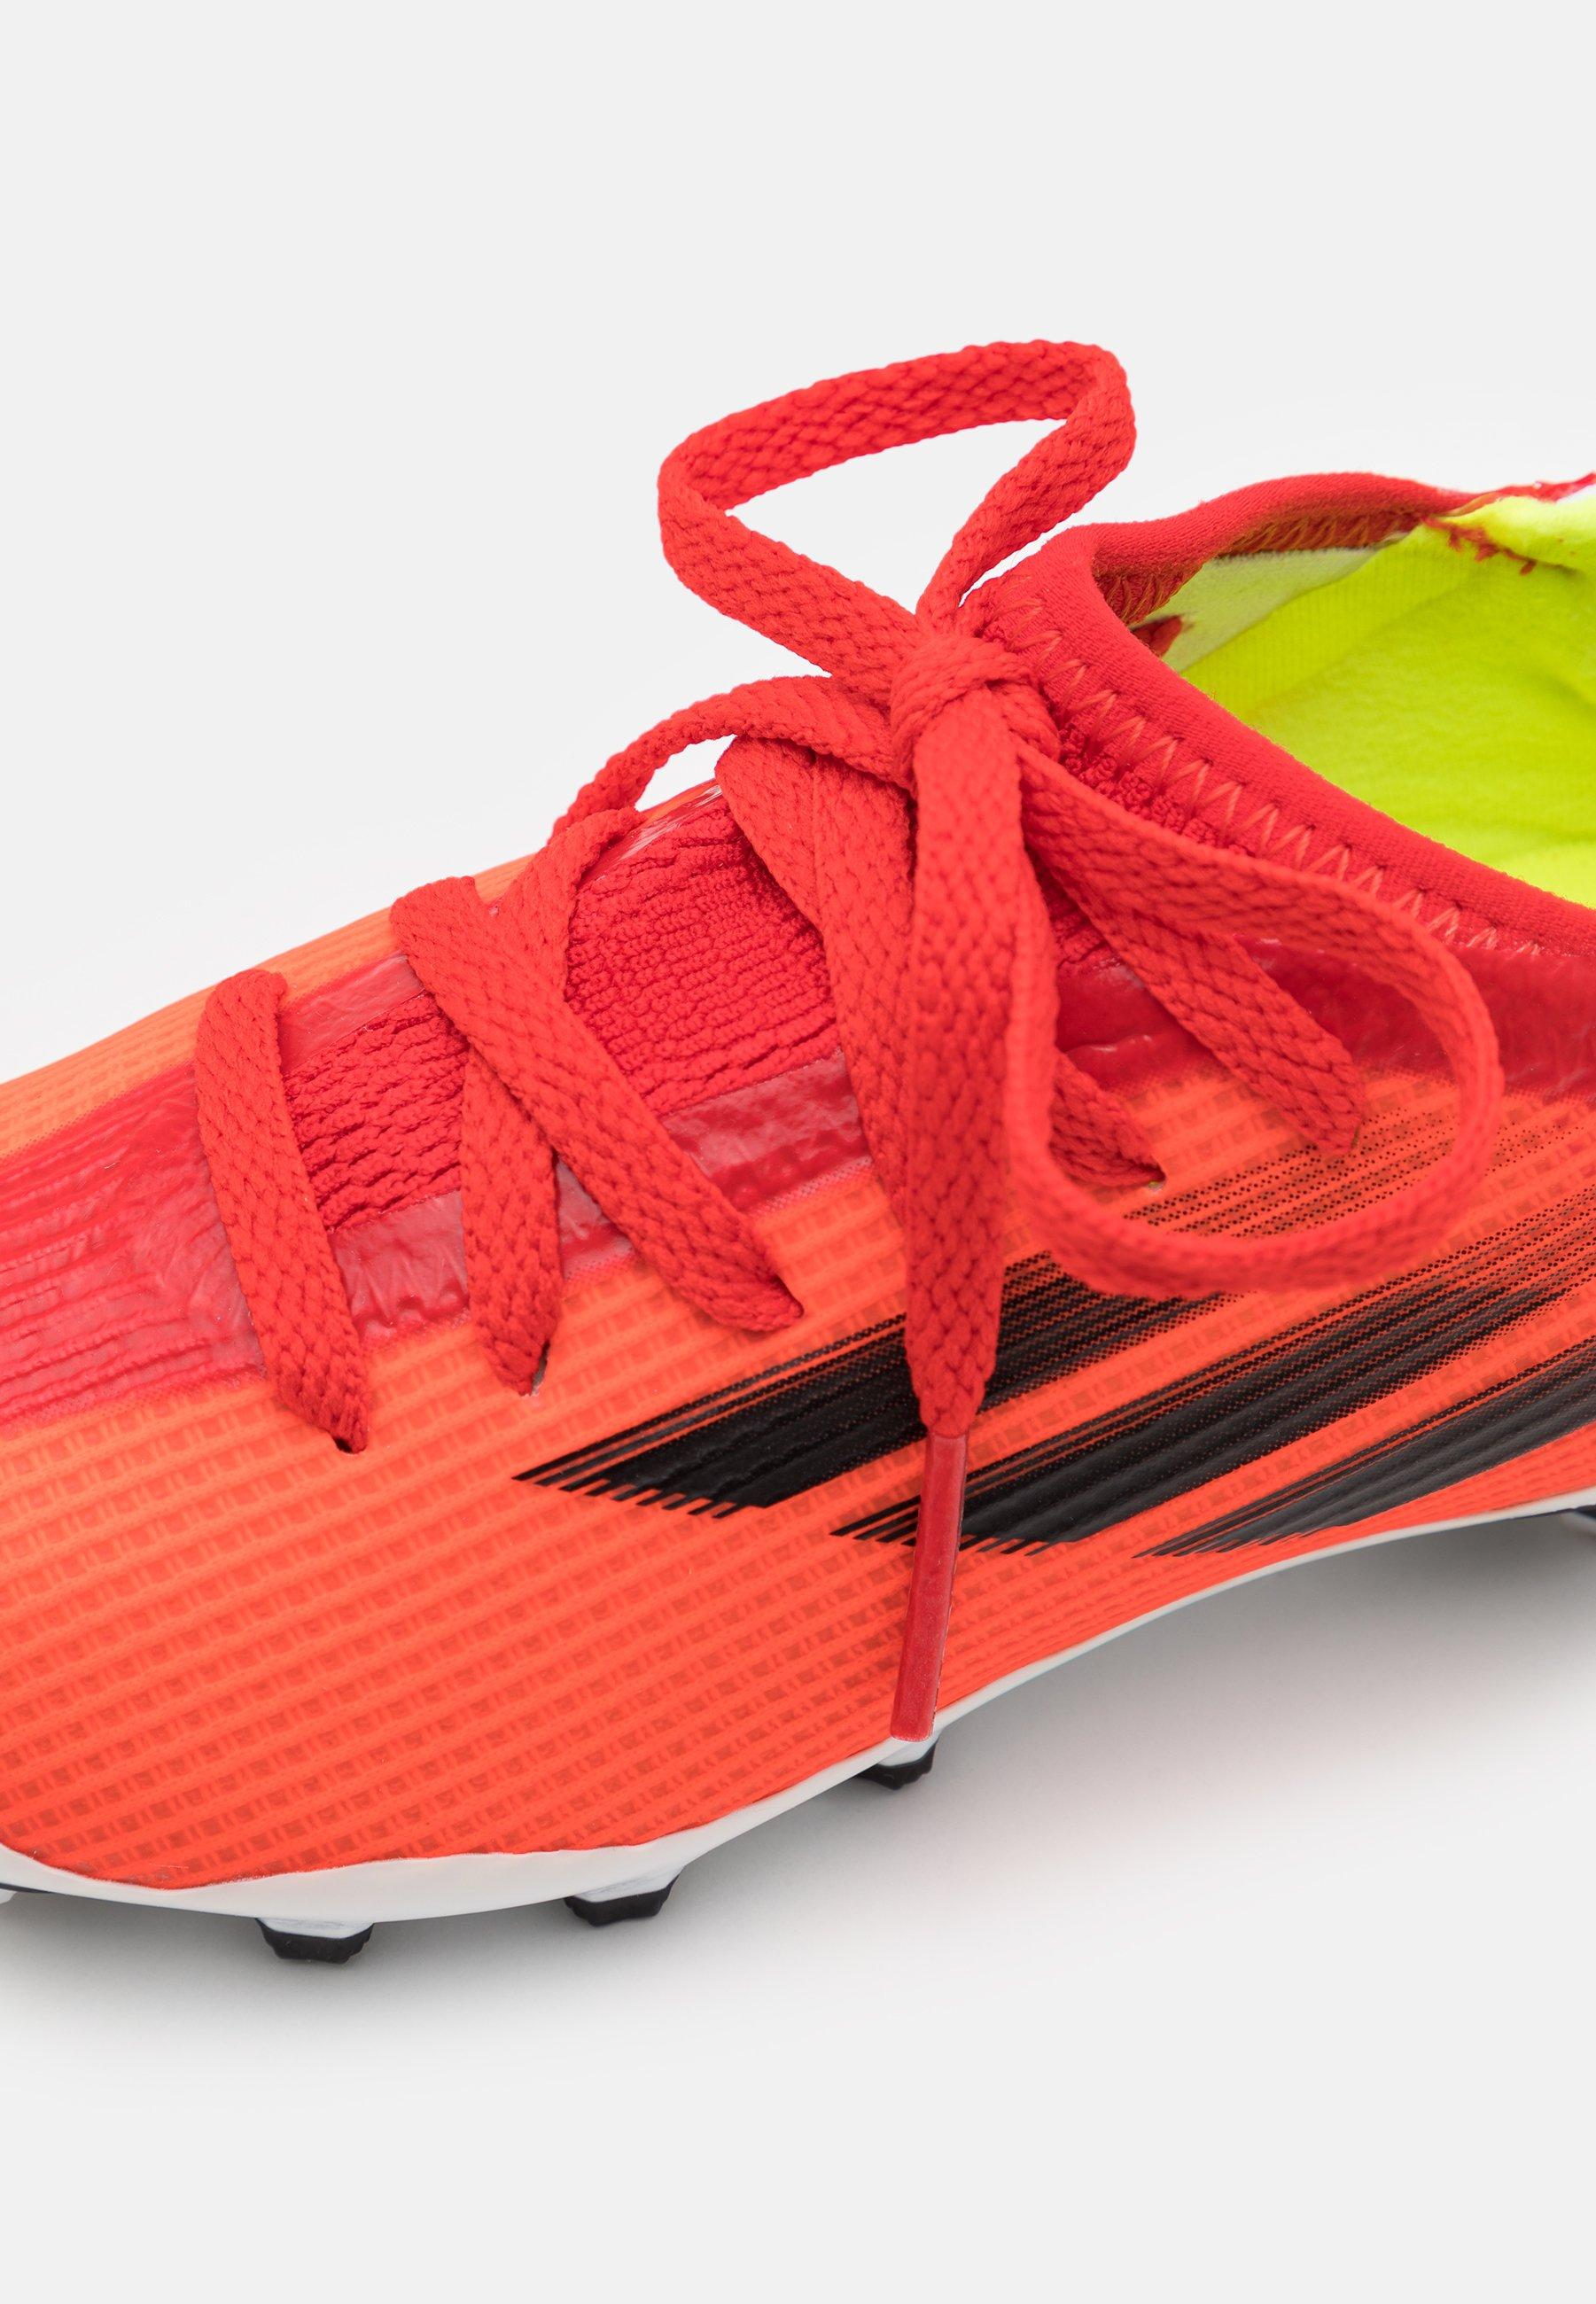 Enfant X SPEEDFLOW.3 MG UNISEX - Chaussures de foot à crampons